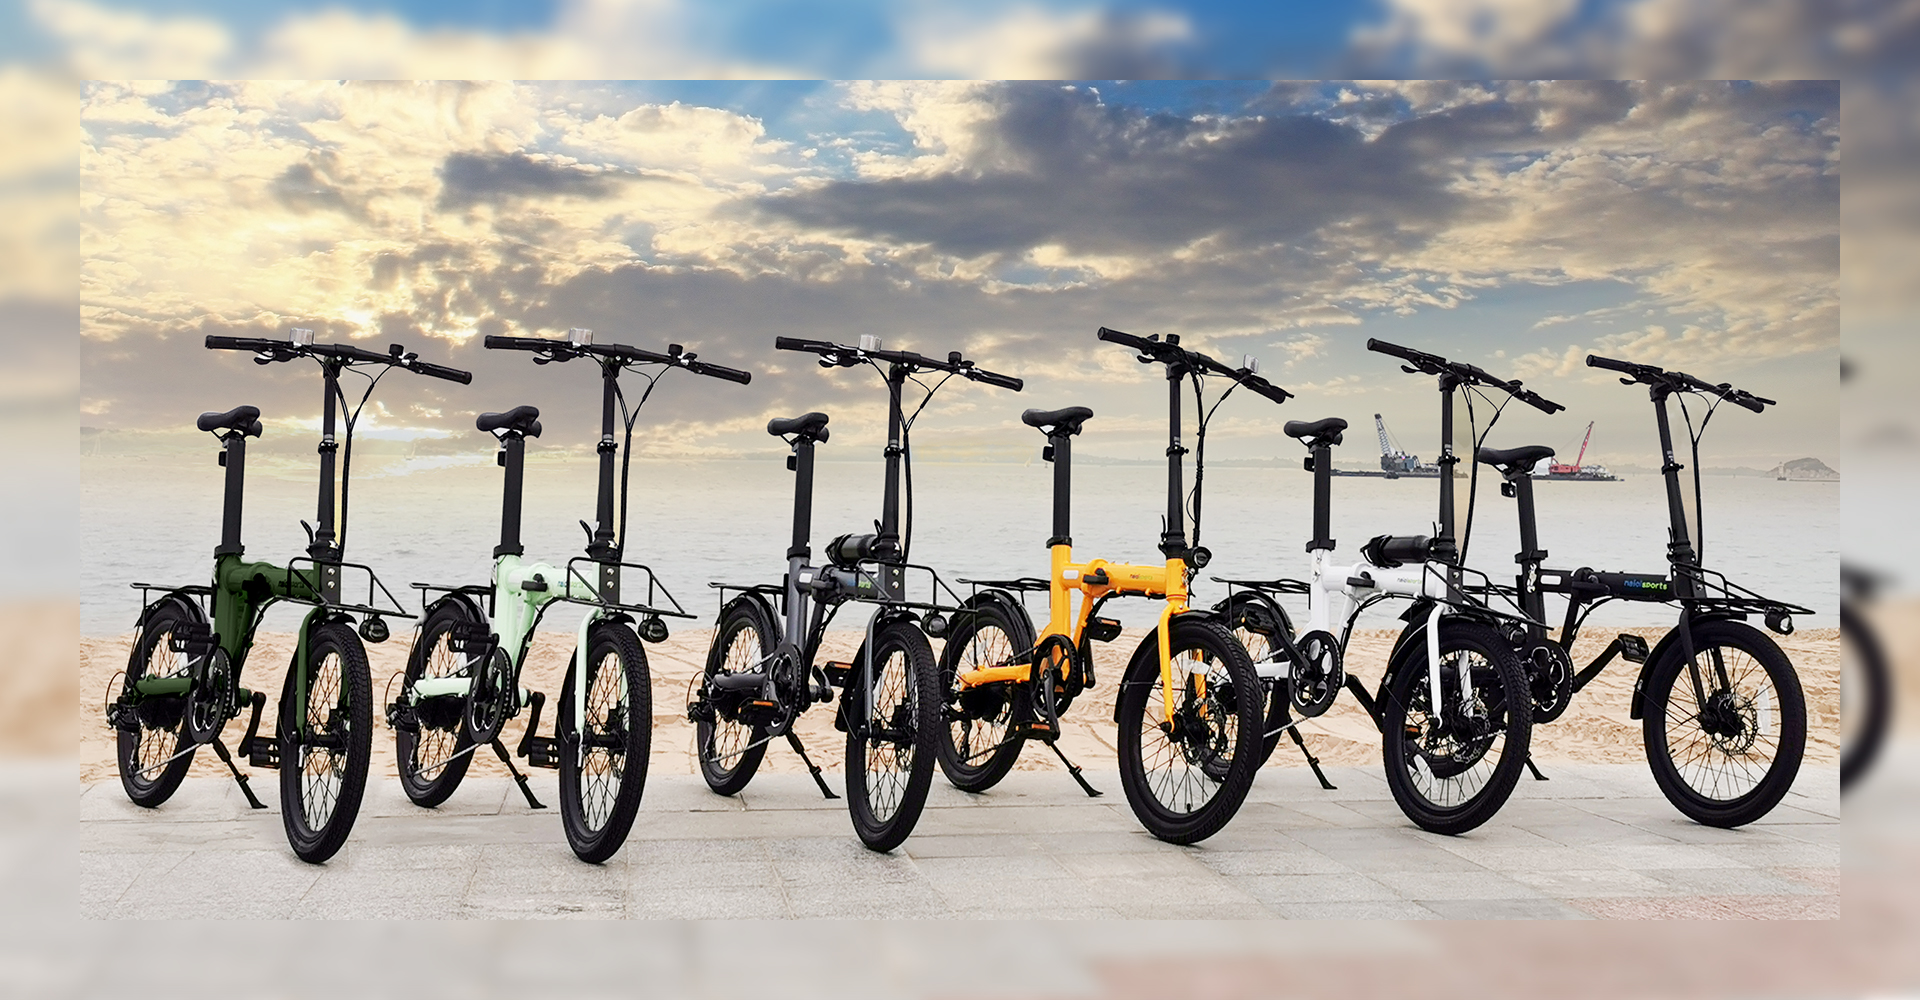 ハイスペックな折りたたみ電動アシスト自転車「naicisports power 2.0」に注目!